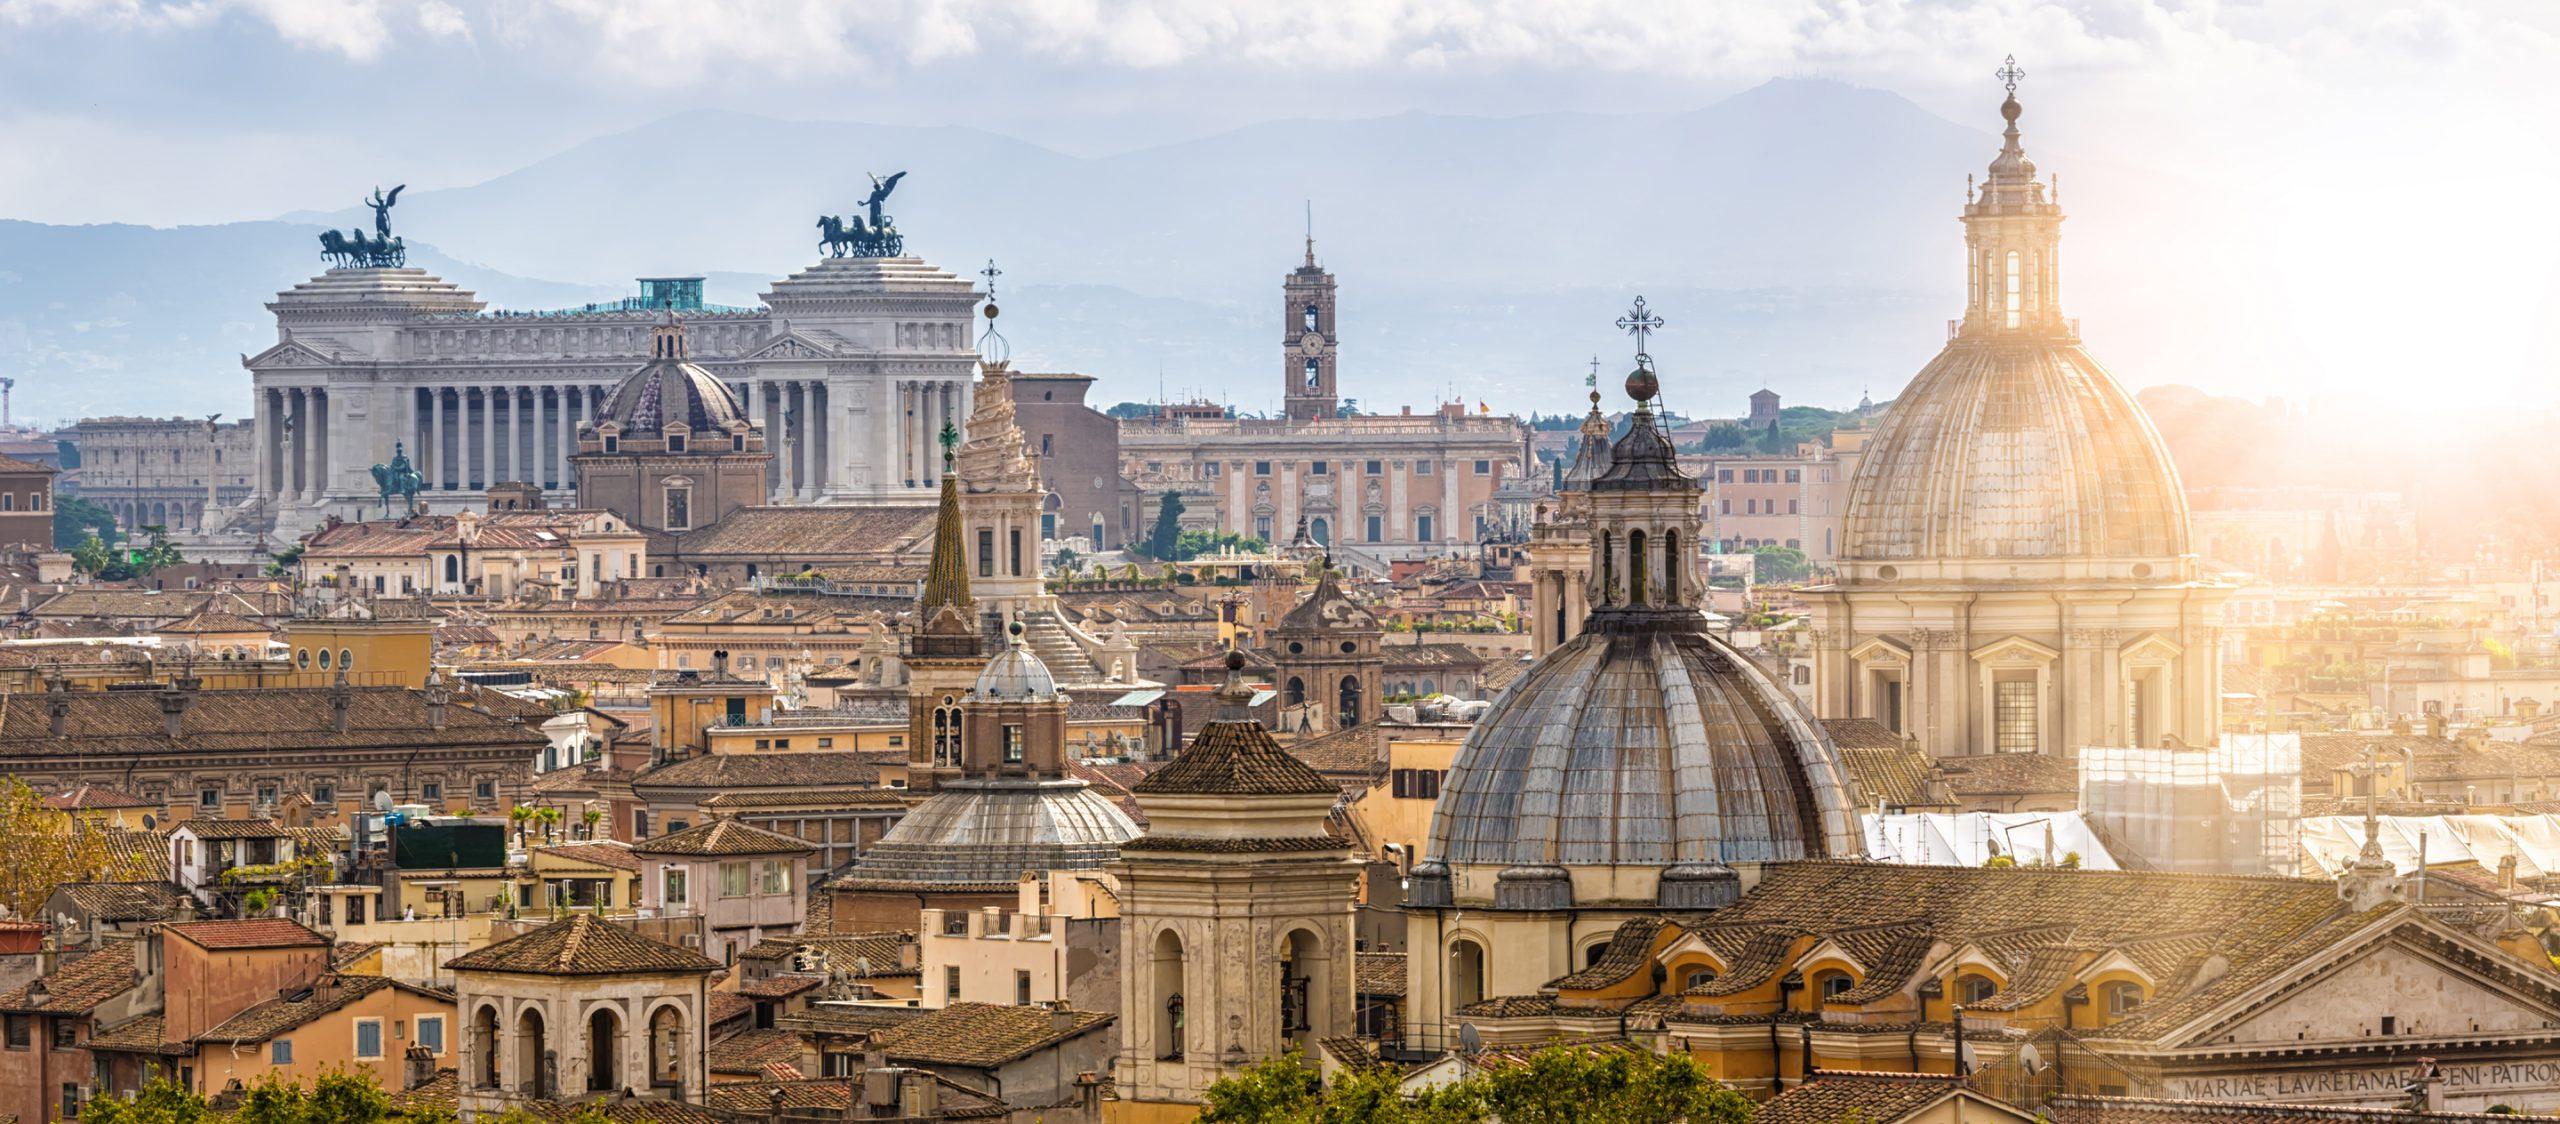 Journey of the Eternal City: กรุงโรมและบททดสอบแห่งกาลเวลาของมหานครหลายชีวิต